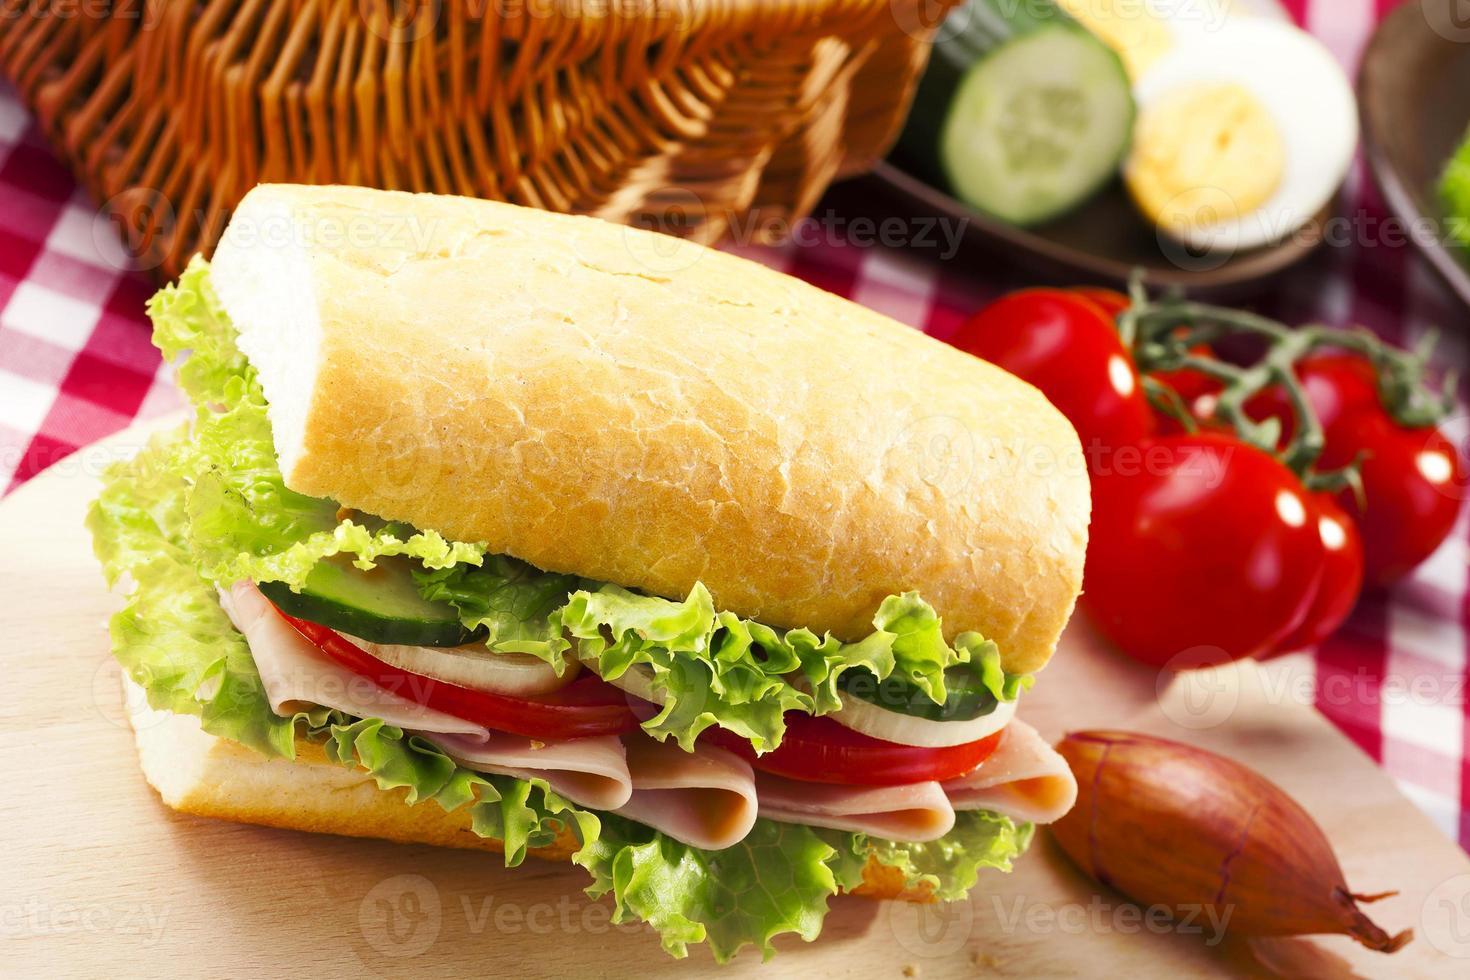 ontbijt sandwich met groenten. foto